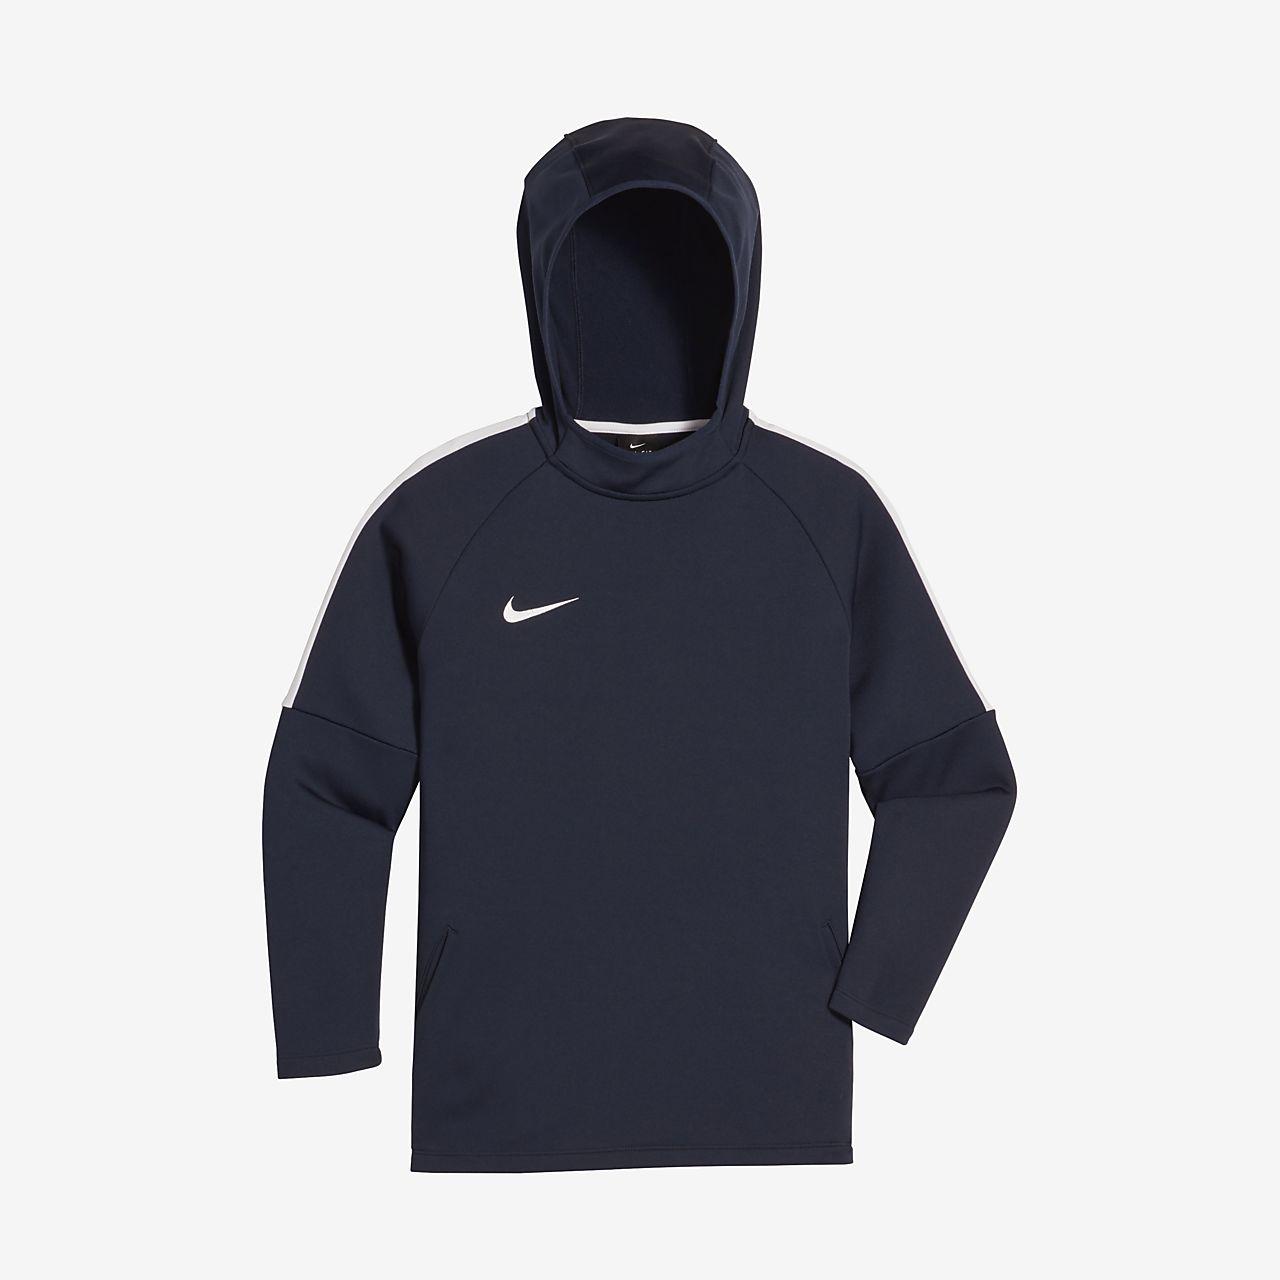 Футбольная худи для мальчиков школьного возраста Nike Dri-FIT Academy